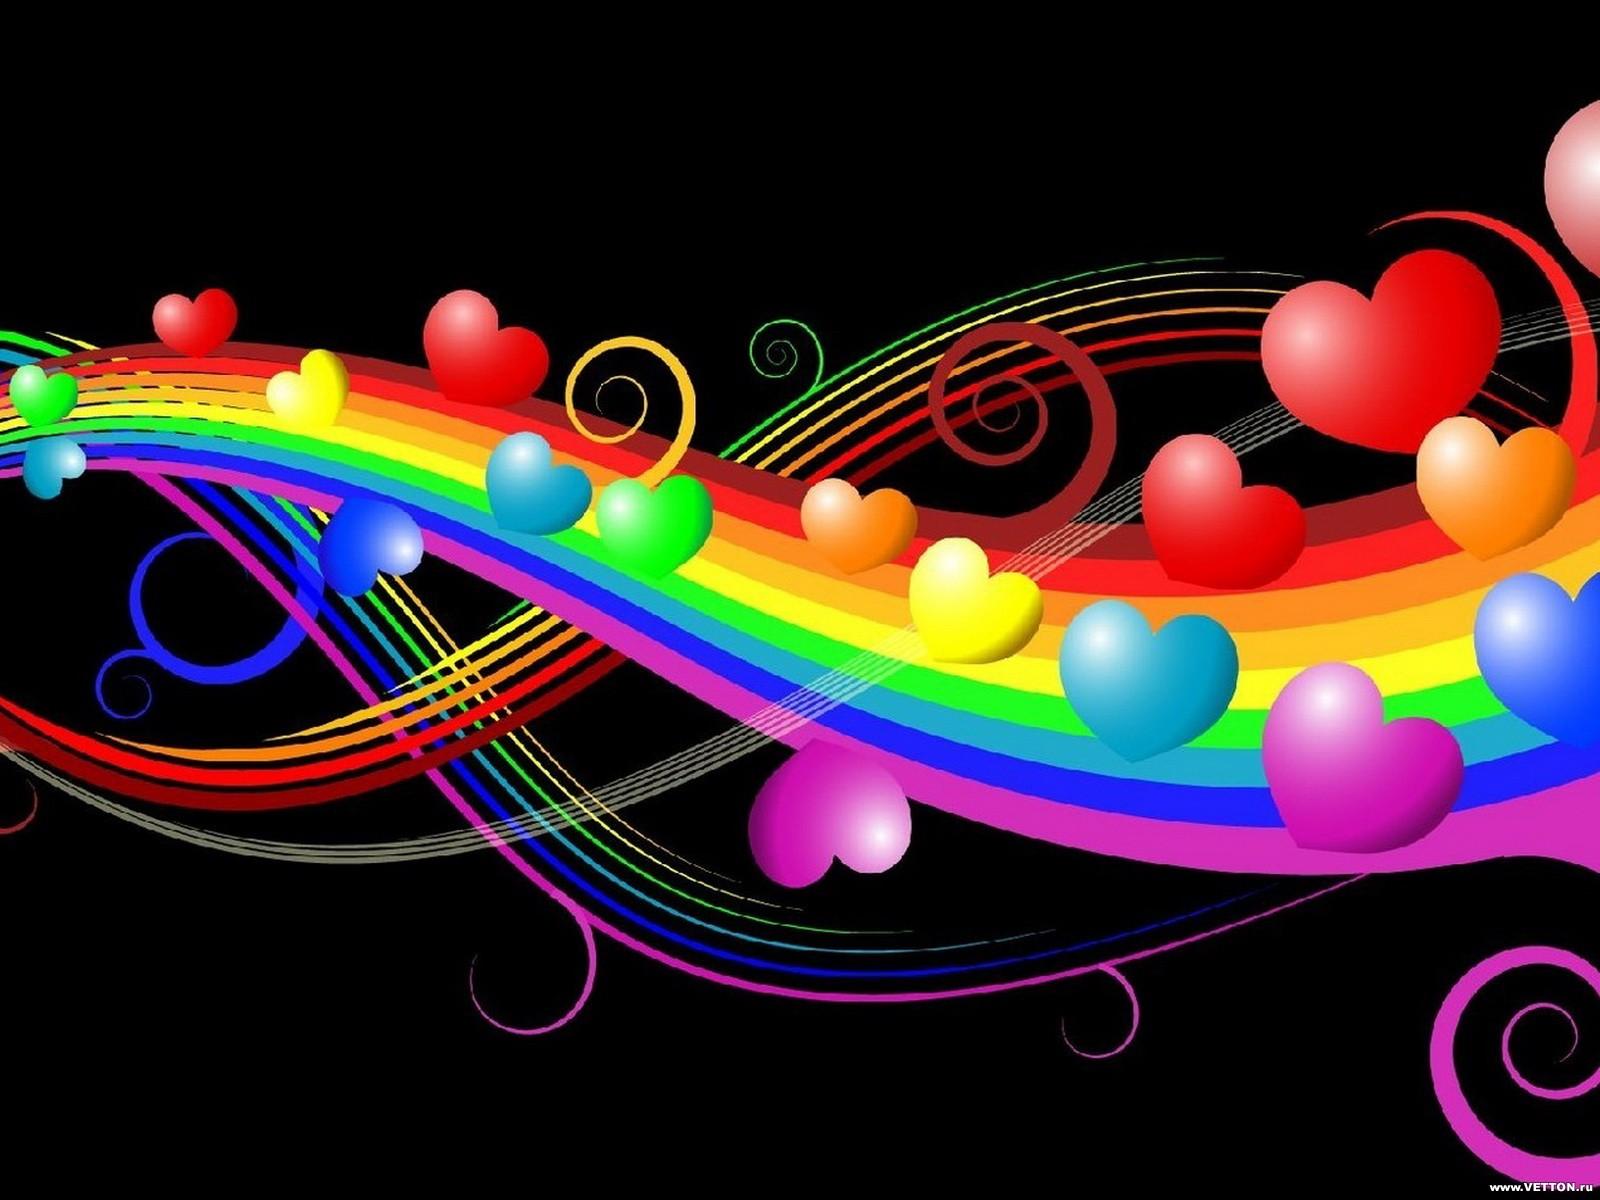 http://2.bp.blogspot.com/-x-DmhtXpHfc/UElq9I-DKqI/AAAAAAAAHPY/w7lsUb5qasM/s1600/Love+Wallpaper+(13).jpg